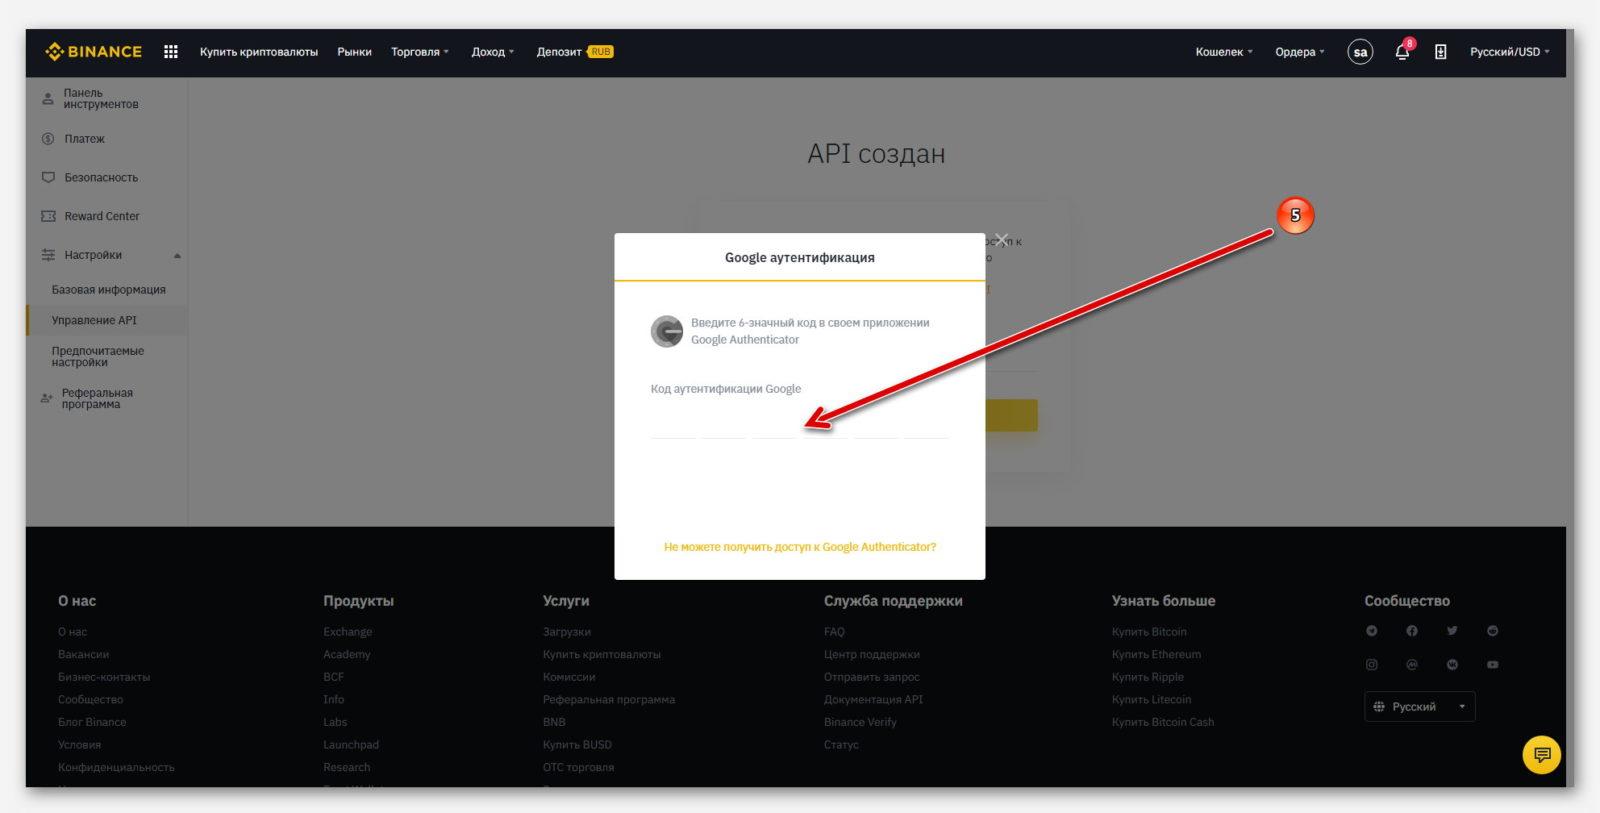 Ввести код от приложения 2FA, для создание API ключа, на бирже Binance